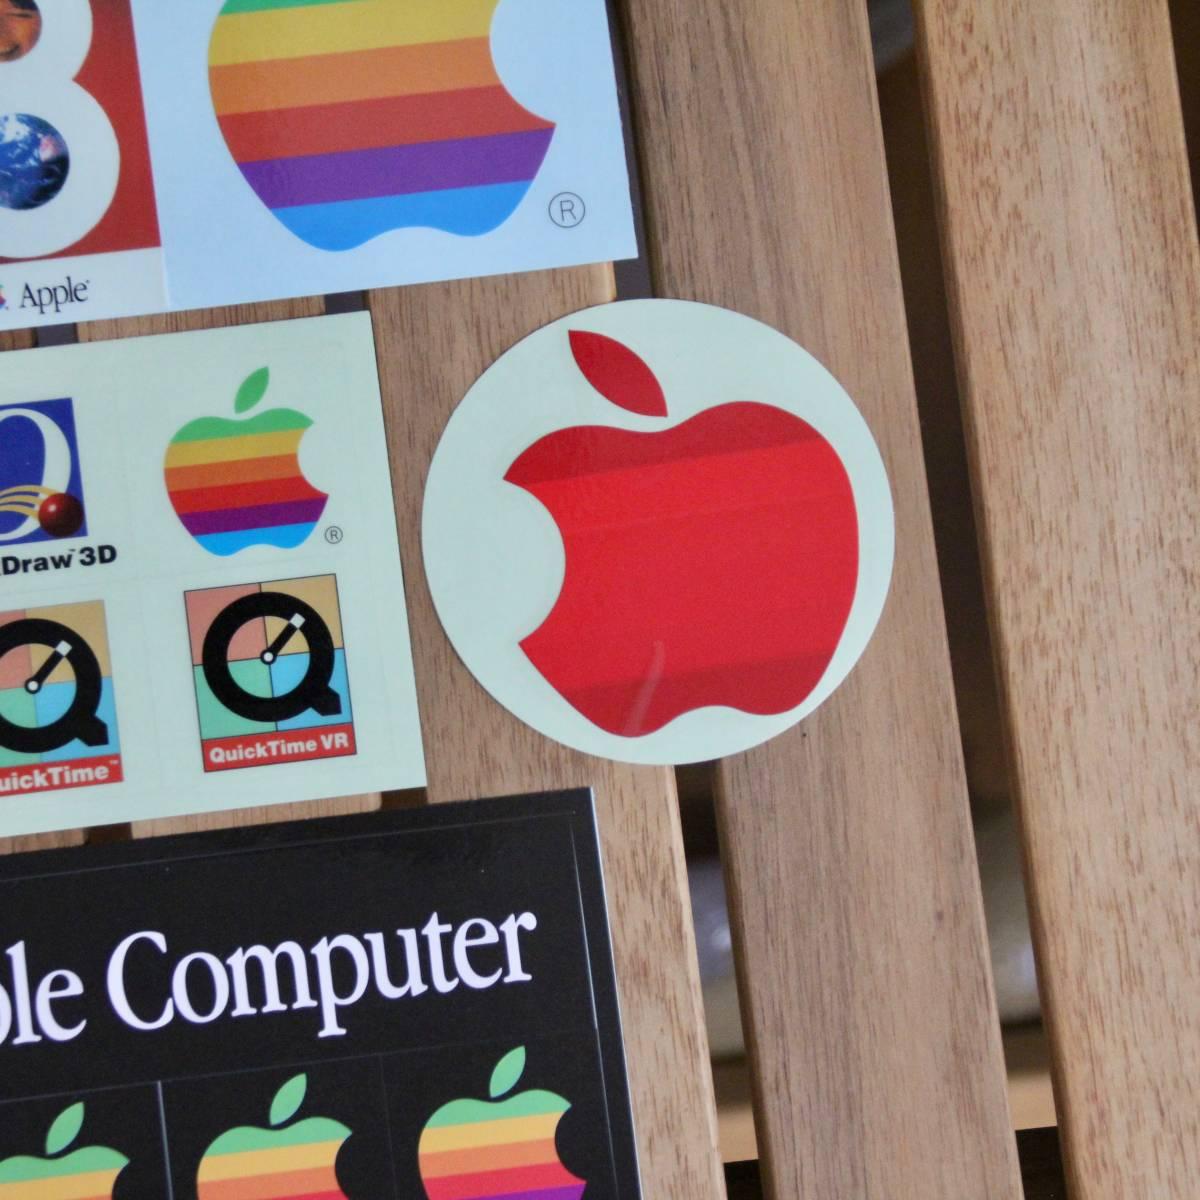 デッドストック Apple Computer アップル コンピューター レインボー ロゴ Mac OS ステッカーセット 非売品 ノベルティー Think Different_画像5